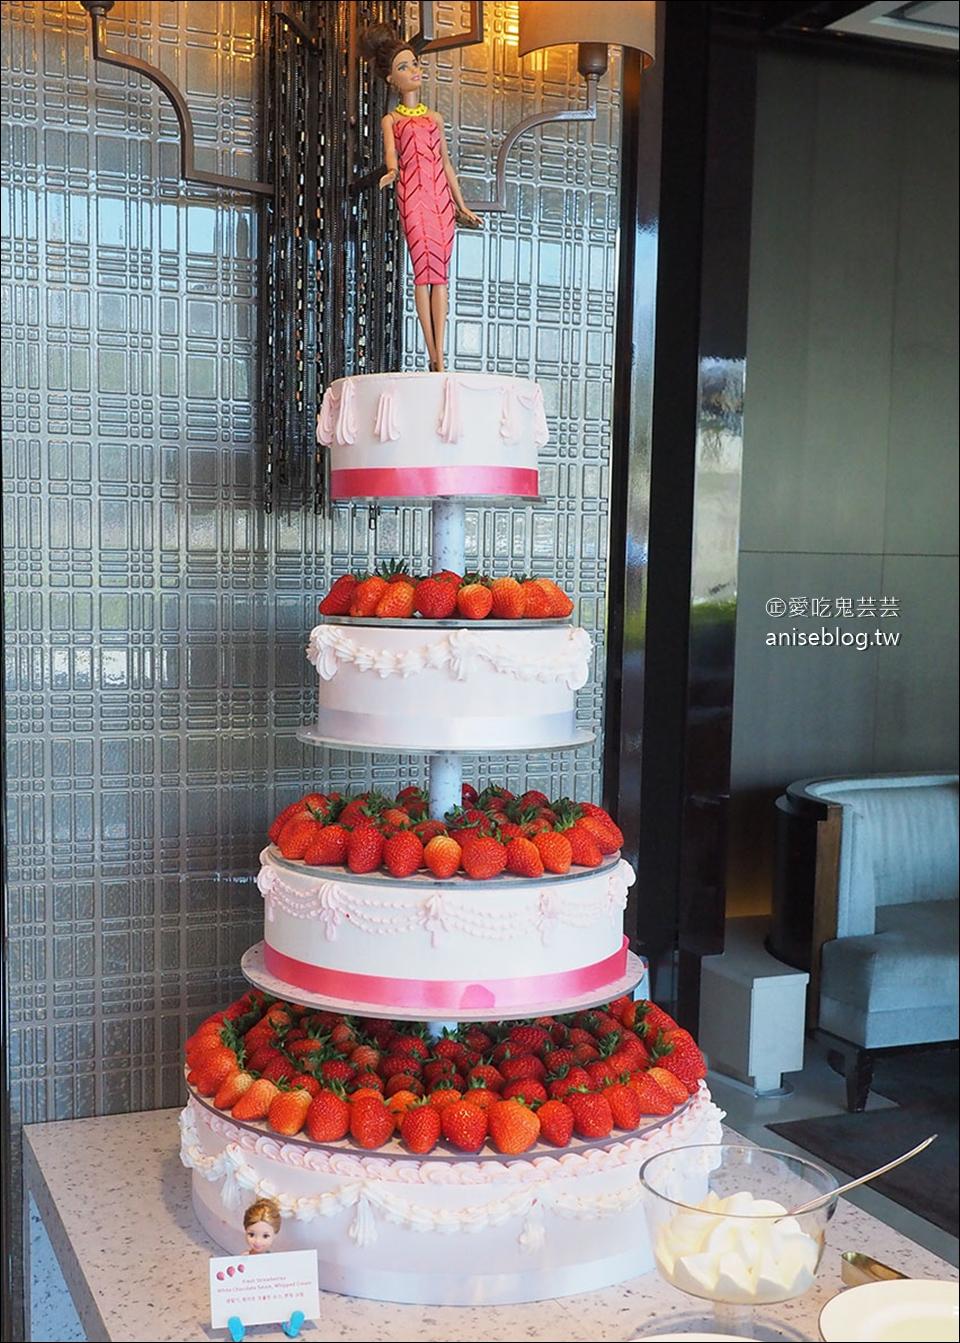 首爾草莓吃到飽 | 東大門萬豪酒店 The Lounge草莓甜點專賣店